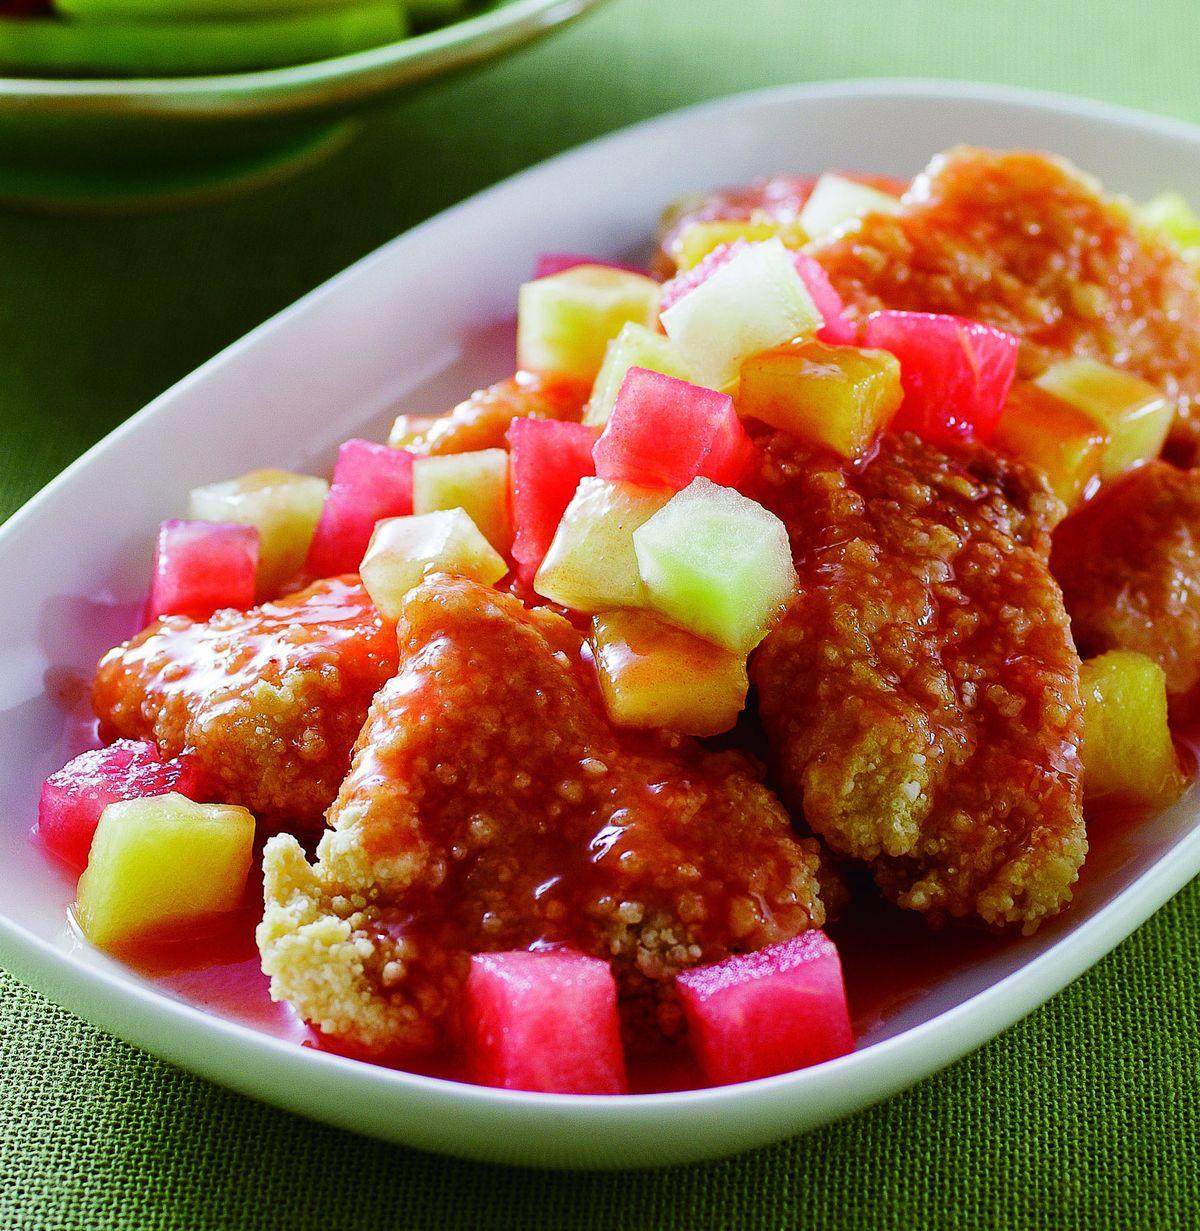 食譜:糖醋西瓜魚塊